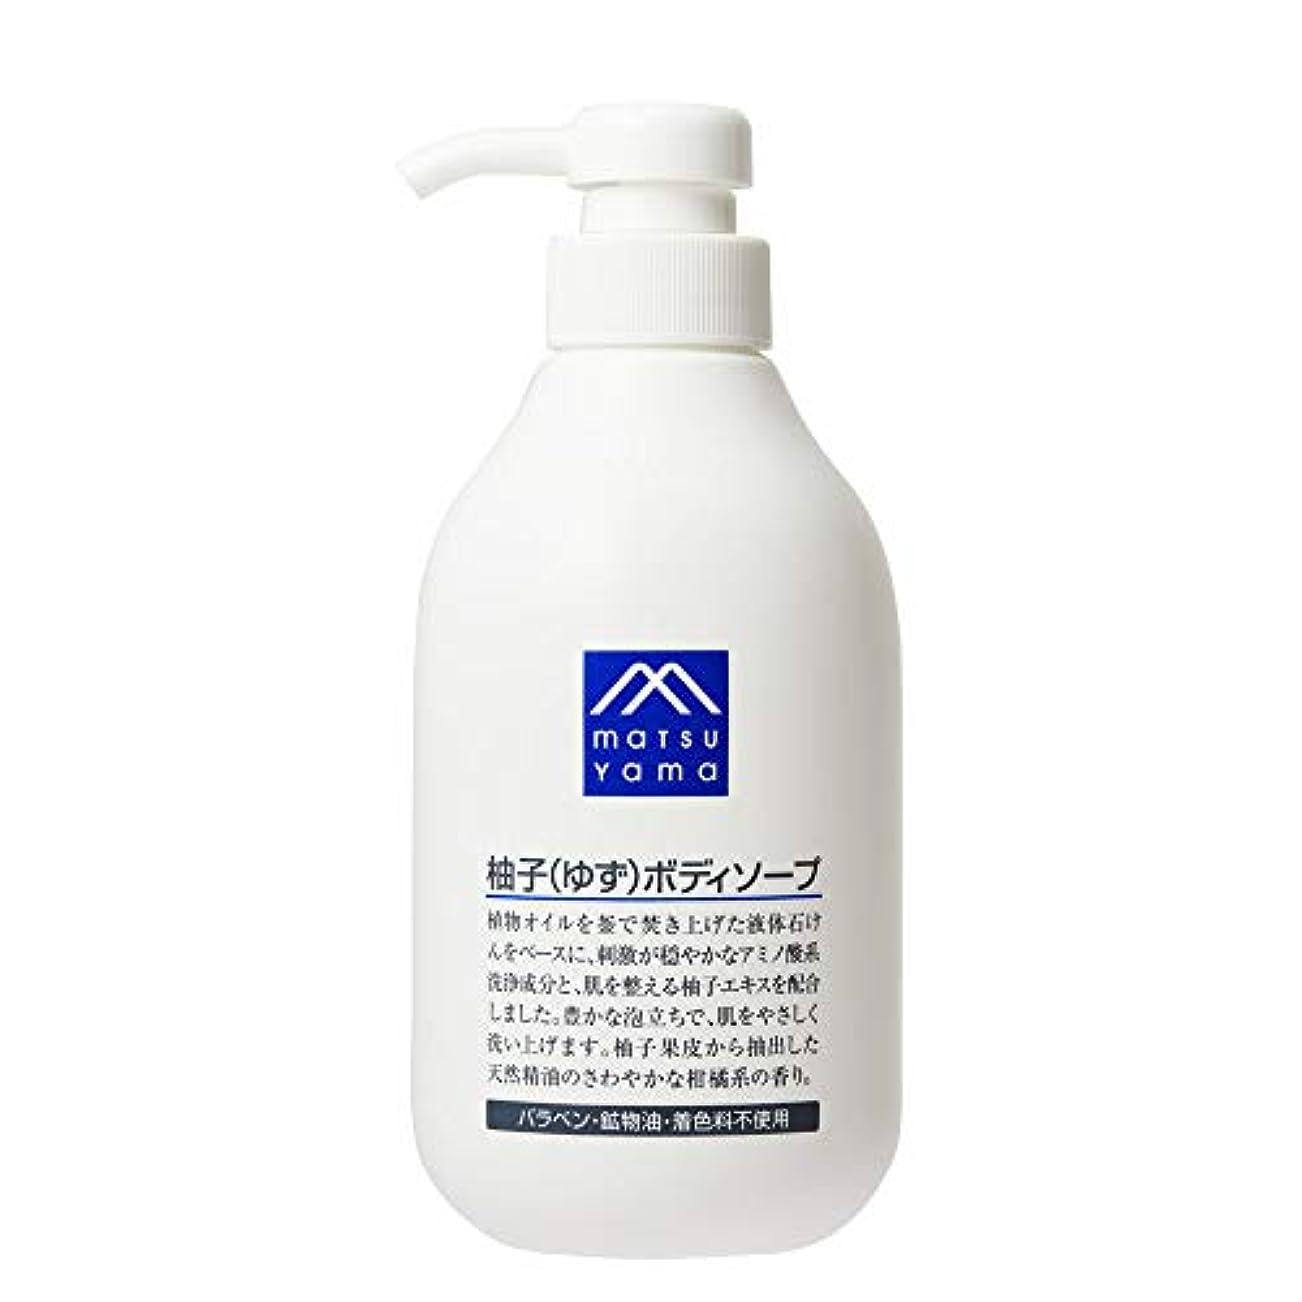 テニス咳汚物M-mark 柚子(ゆず)ボディソープ